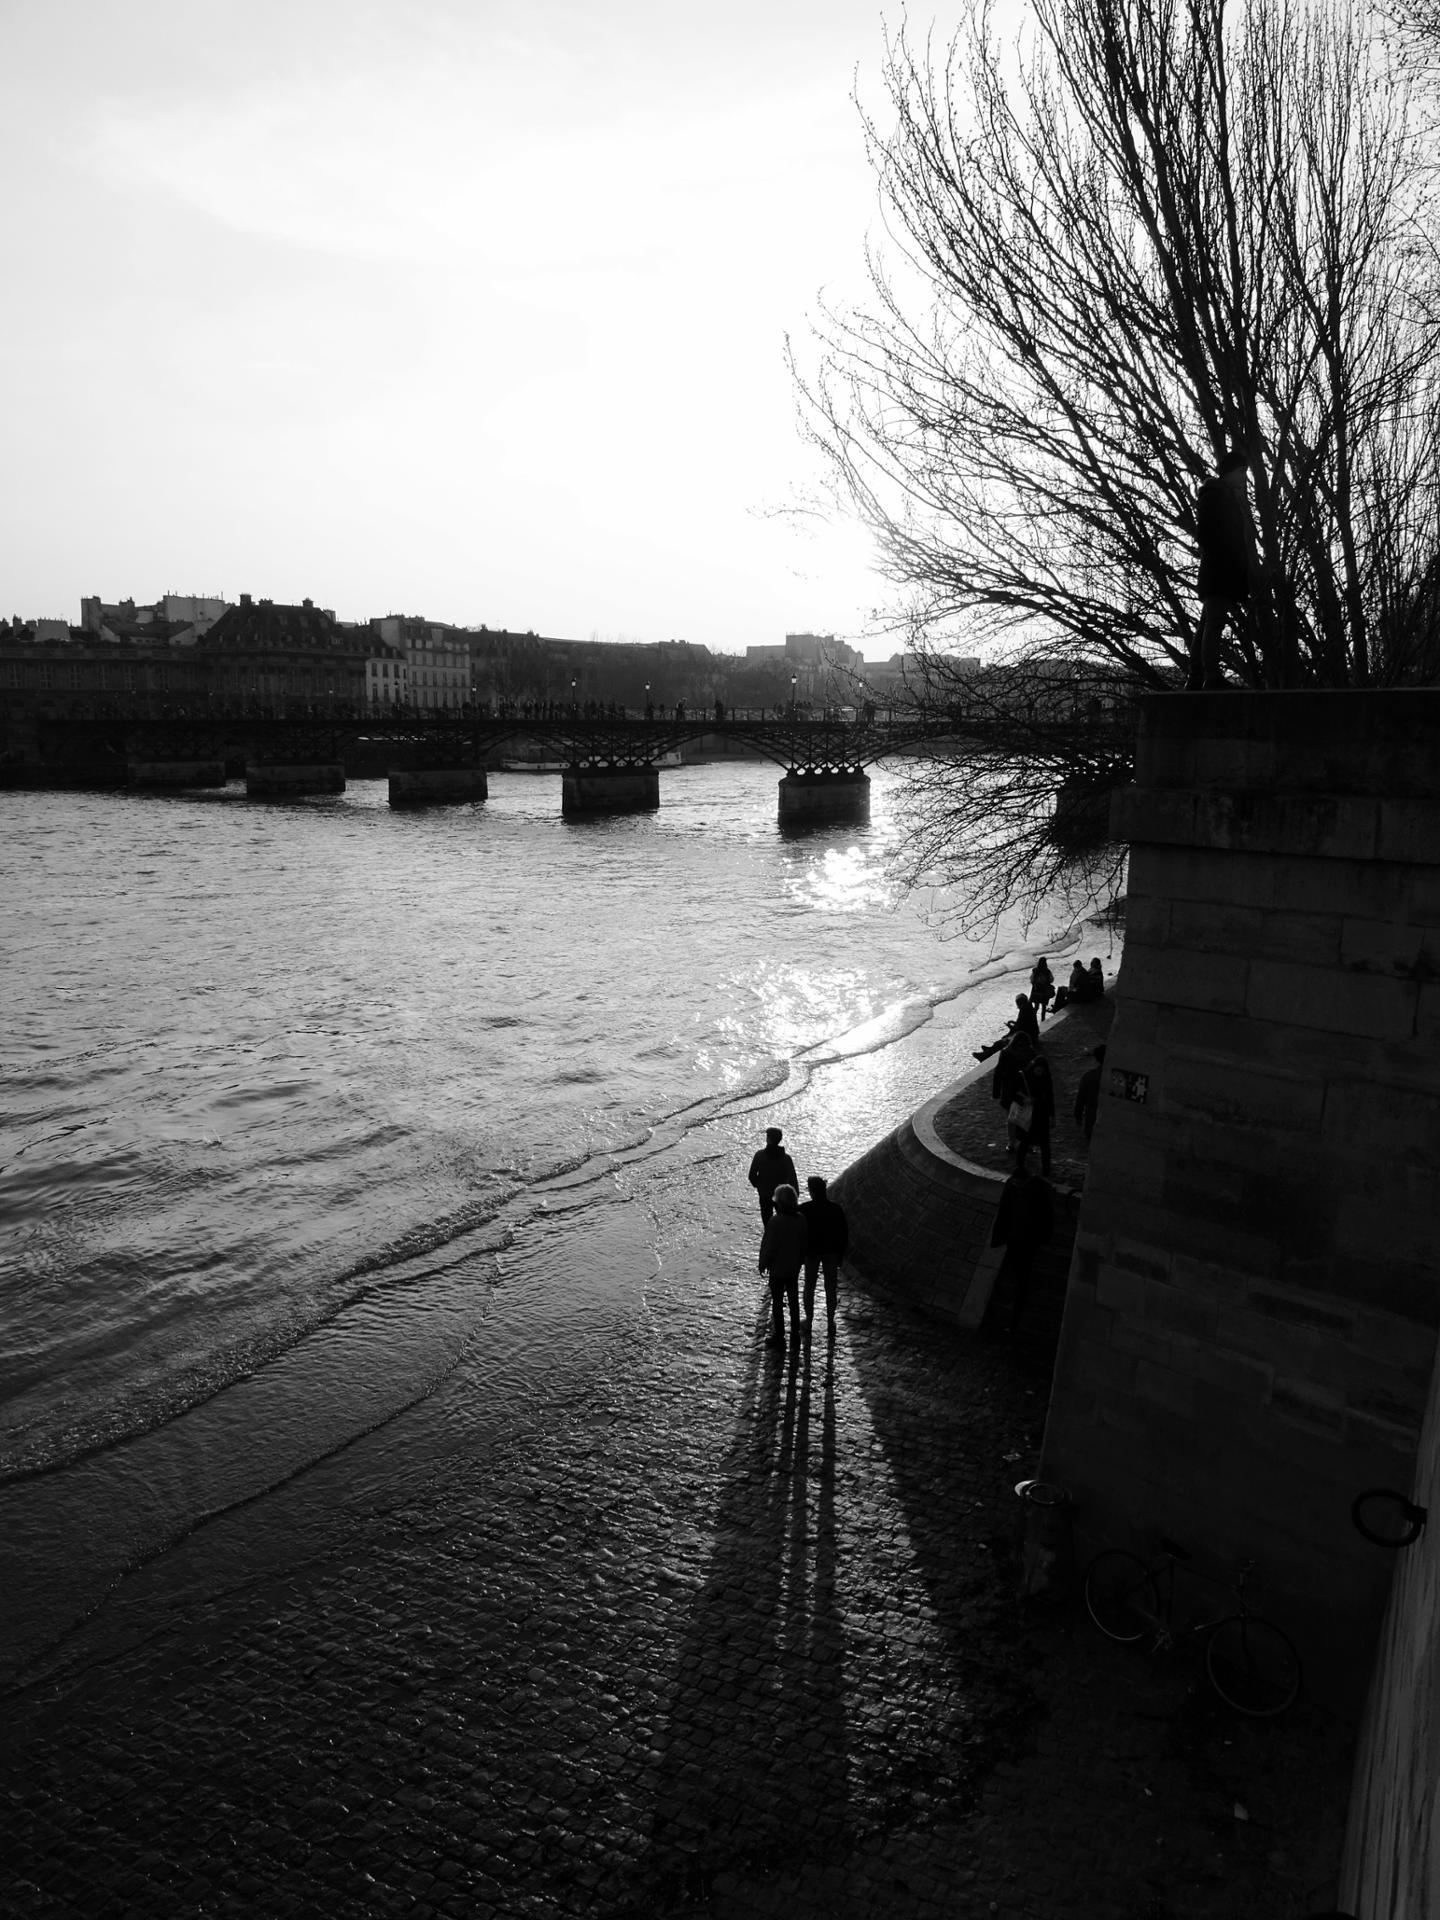 Crue sur les berges de la Seine près du Pont des Arts, Paris Mars 2016